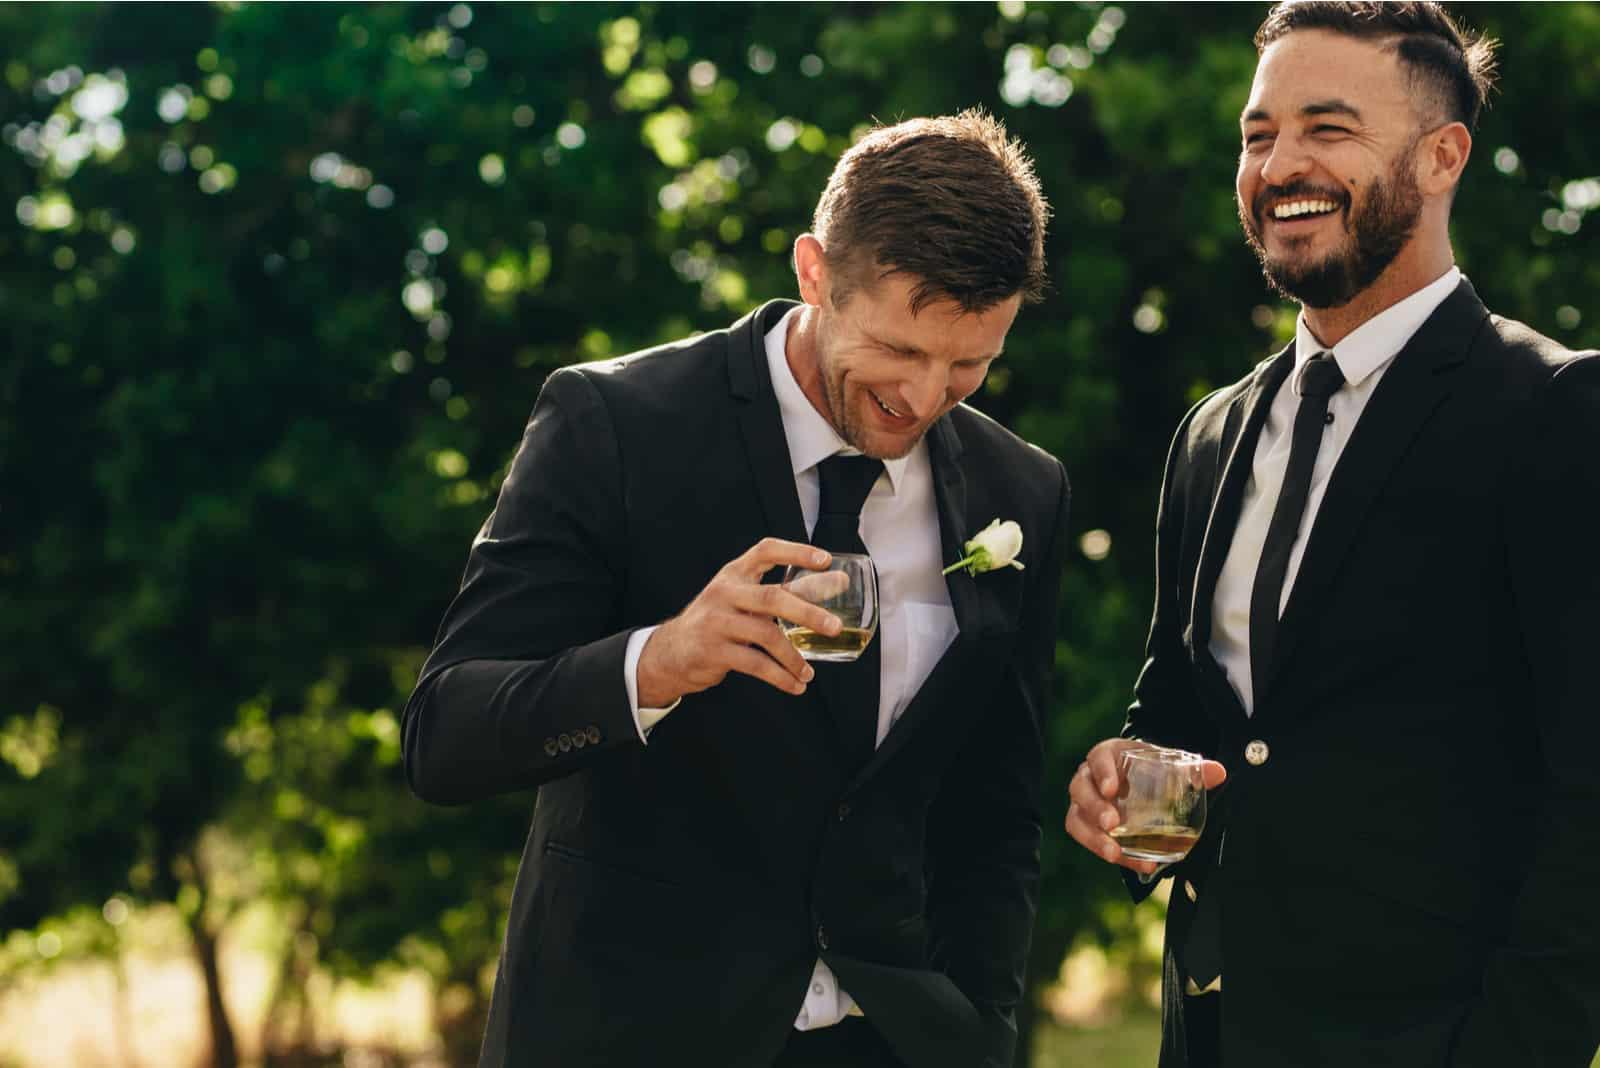 Bräutigam und Trauzeuge trinken und lächeln während der Hochzeitsfeier (2)